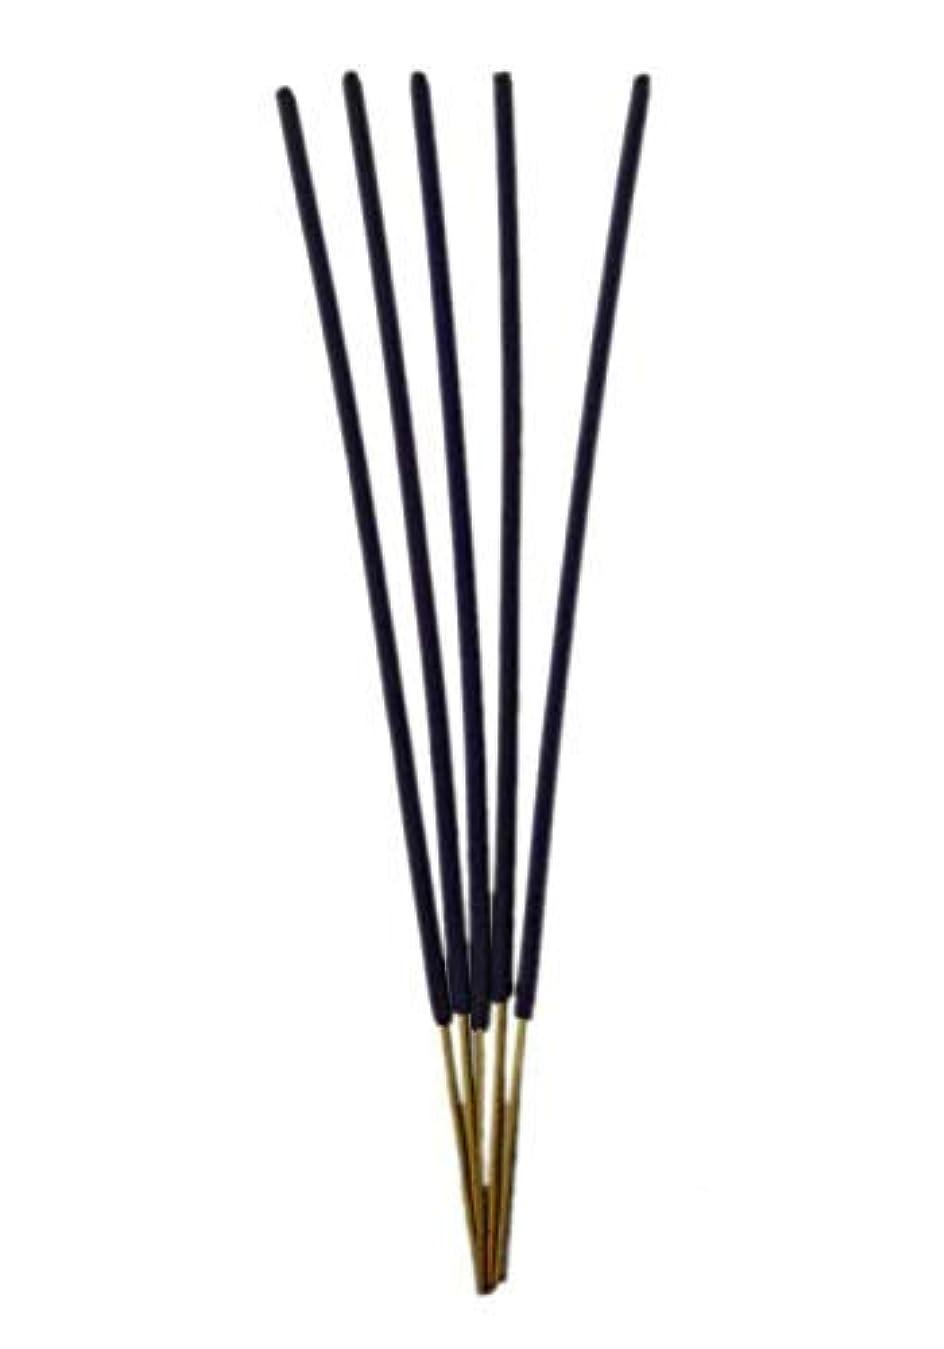 海外差し引く病AMUL Agarbatti Blue Incense Sticks (1 Kg. Pack)